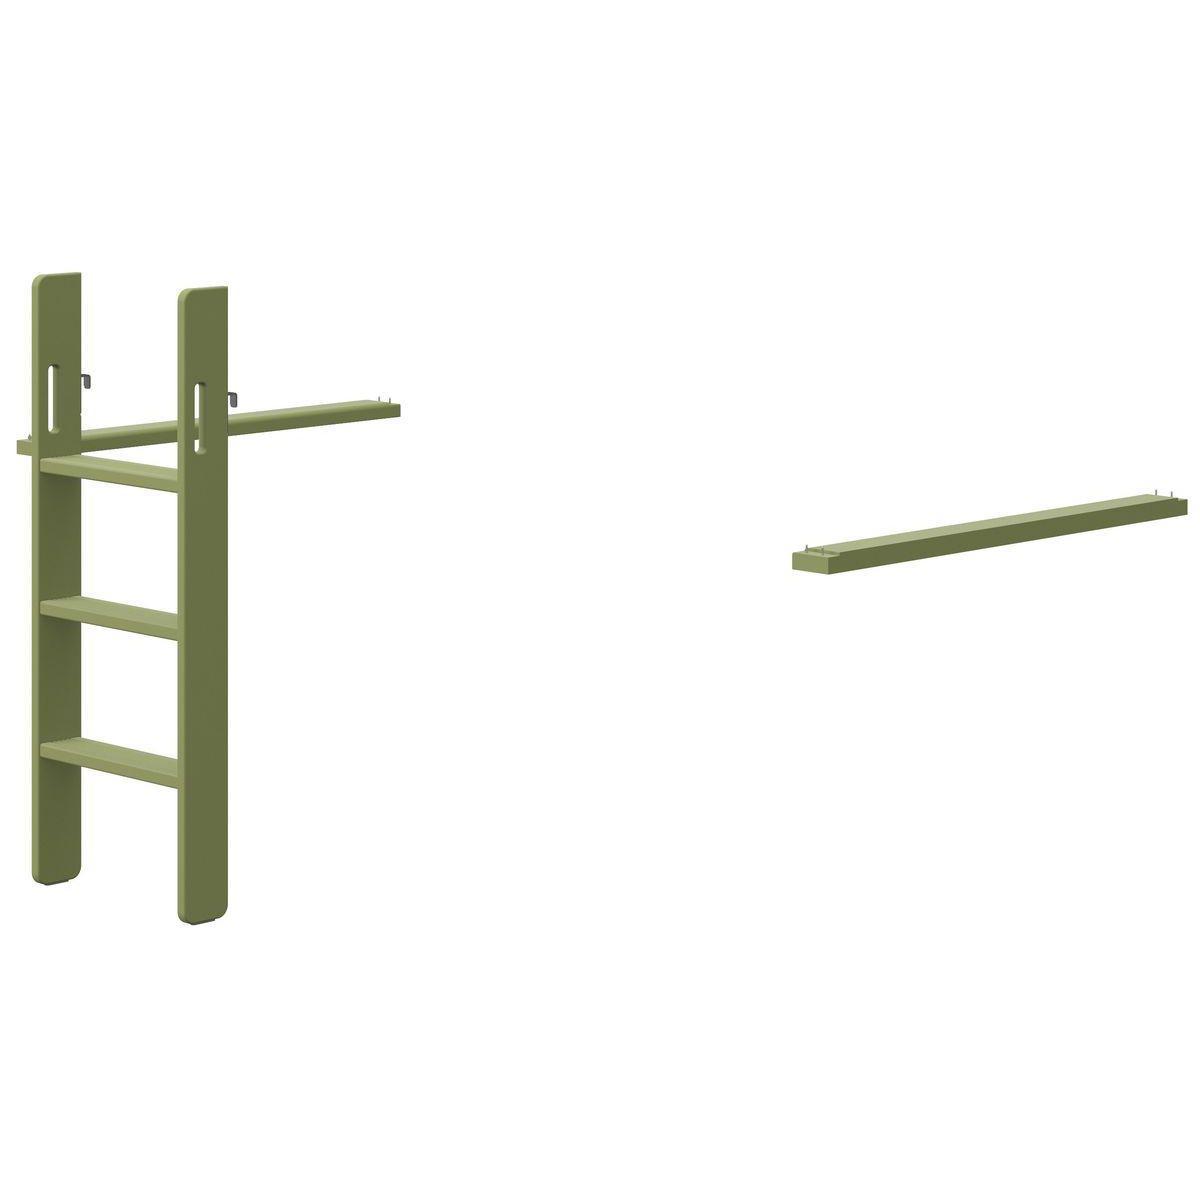 Escalera recta cama media alta POPSICLE Flexa kiwi